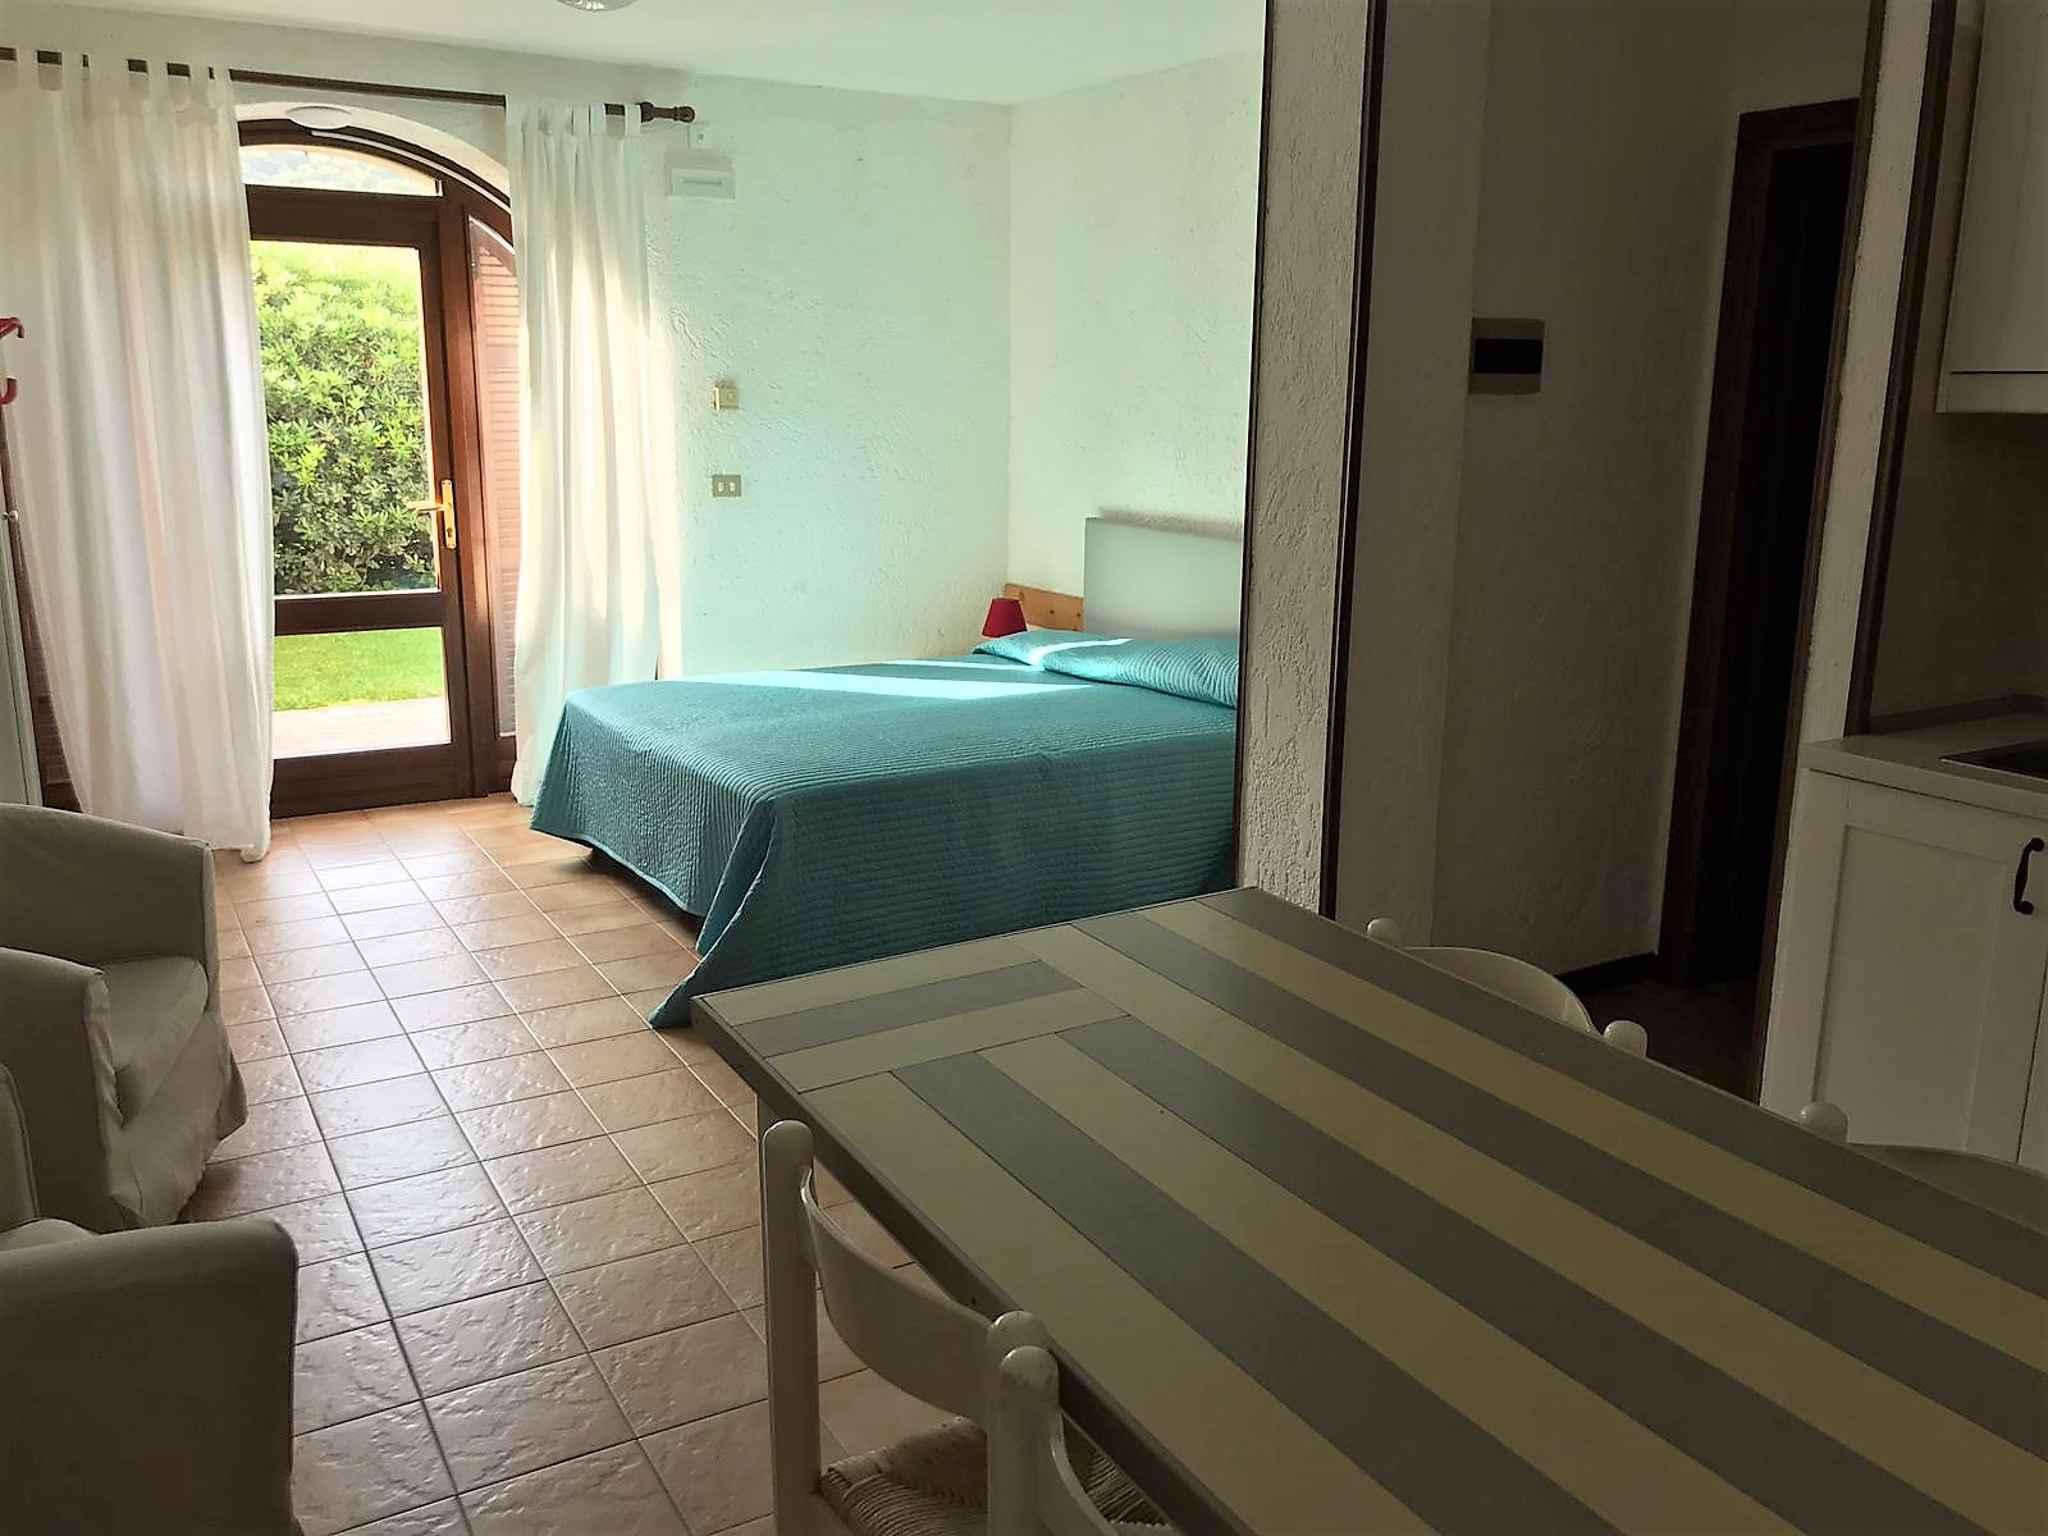 Ferienwohnung Residenz Rustico (279540), Garda, Gardasee, Venetien, Italien, Bild 20